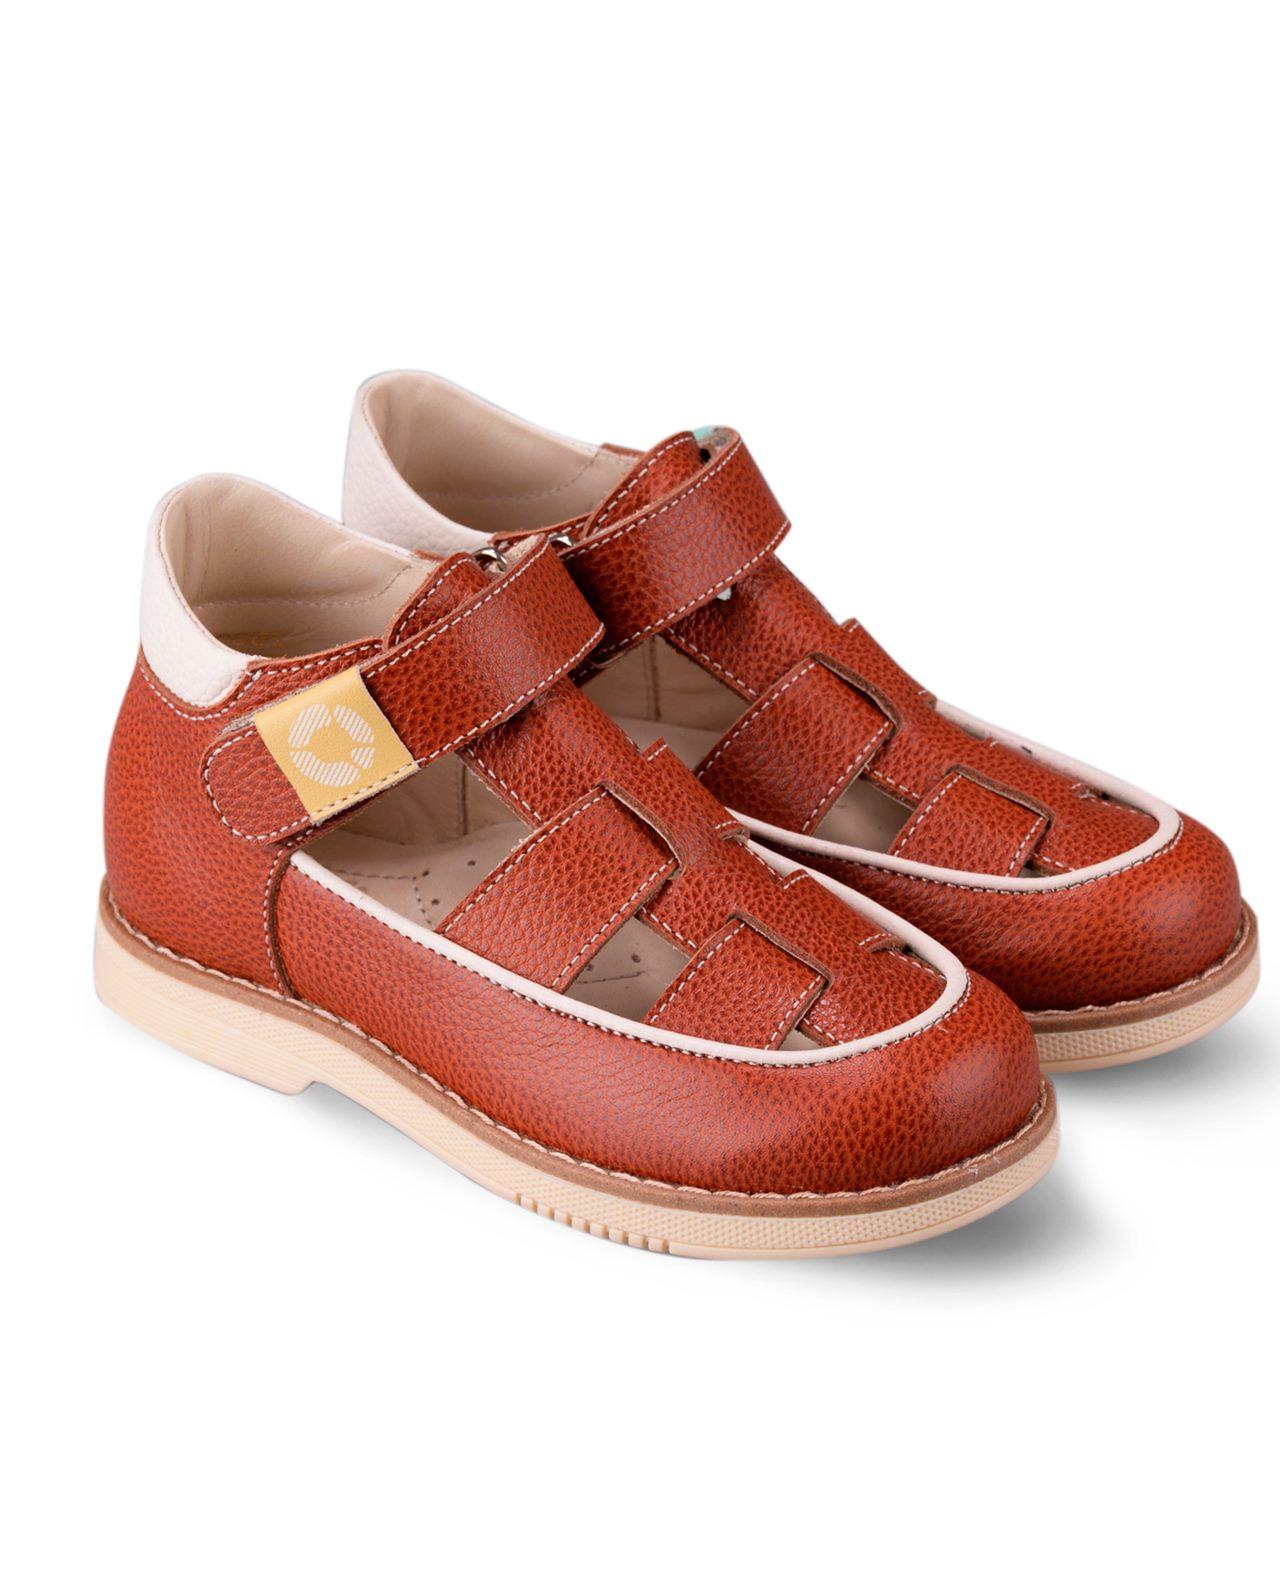 Туфли Детские, Tapiboo Бук (43186, 29 )Туфли<br>Туфли для ежедневной профилактики плоскостопия. <br>Идеальны как сменная обувь в детский сад <br>и начальную школу. Широкий, устойчивый каблук, <br>специальной конфигурации «каблук Томаса». <br>Каблук продлен с внутренней стороны до <br>середины стопы, чтобы исключить вращение <br>(заваливание) стопы вовнутрь (пронационный <br>компонент деформации, так называемая косолапость, <br>или вальгусная деформация). Многослойная, <br>анатомическая стелька со сводоподдерживающим <br>элементом для правильного формирования <br>стопы. Благодаря использованию современных <br>внутренних материалов позволяет оптимально <br>распределить нагрузку по всей площади стопы <br>и свести к минимуму ее ударную составляющую. <br>Жесткий фиксирующий задник с удлиненным <br>«крылом» надежно стабилизирует голеностопный <br>сустав во время ходьбы, препятствуя развитию <br>патологических изменений стопы. Упругая, <br>умеренно-эластичная подошва, имеющая перекат <br>позволяющий повторить естественное движение <br>стопы при ходьбе для правильного распределения <br>нагрузки на опорно-двигательный аппарат <br>ребенка. Подкладка из кож<br>Размер INT: M; Цвет: Красный; Ширина: 100; Высота: 200; Вес: 1000;